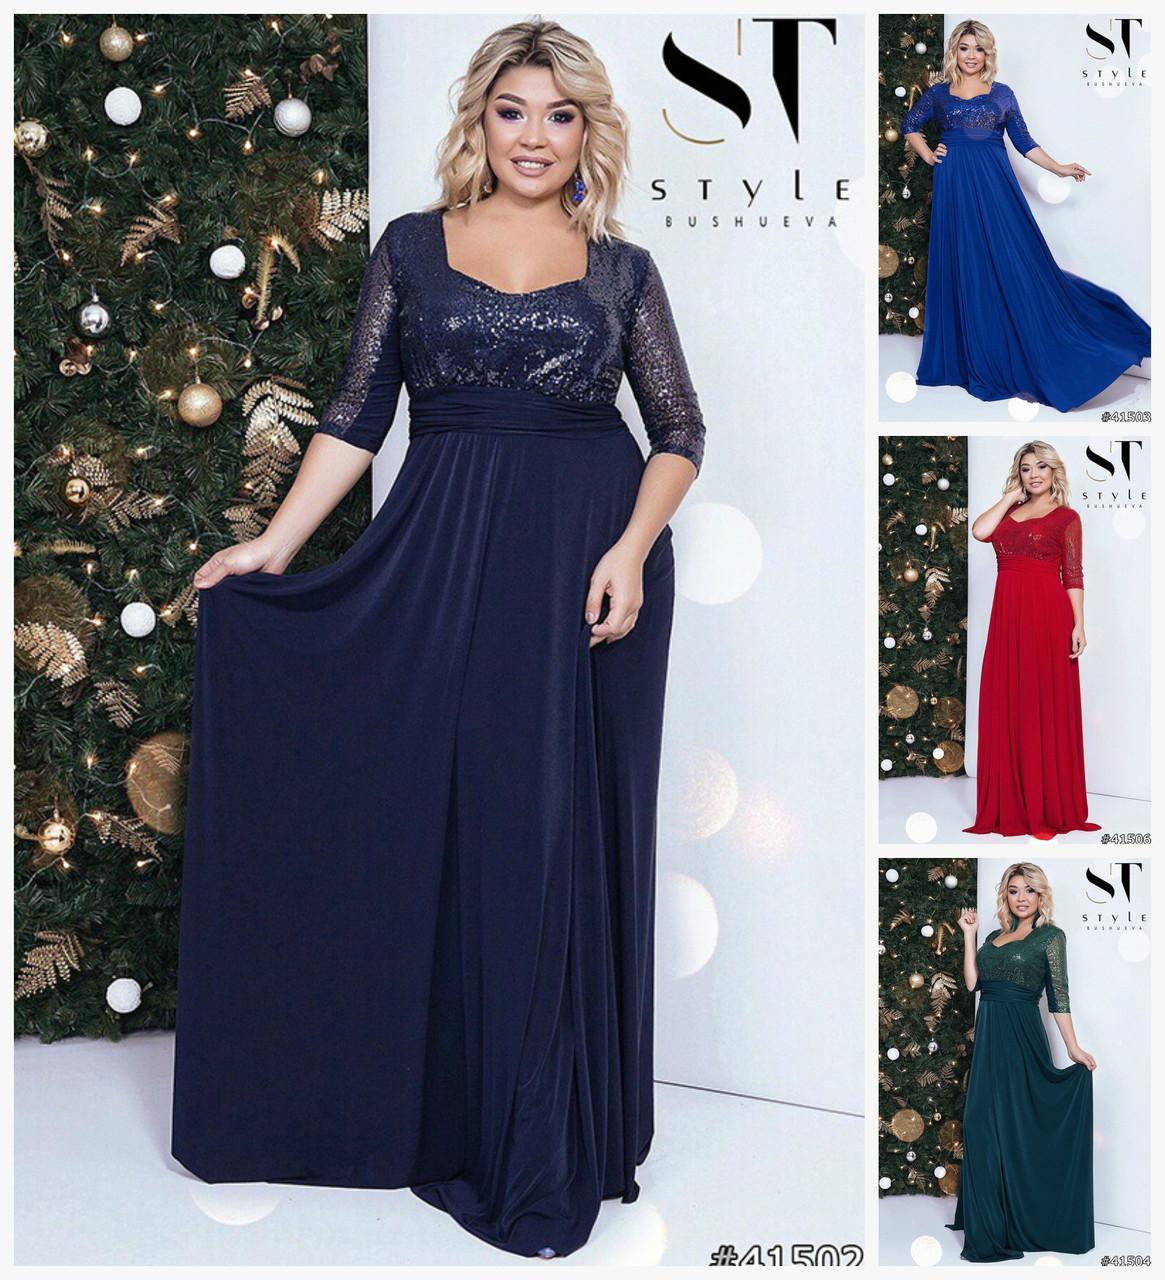 8b82f4168e5 Вечернее длинное платье с пайетками Батал до 56 р 17576 - Интернет -  магазин одежды Mixton